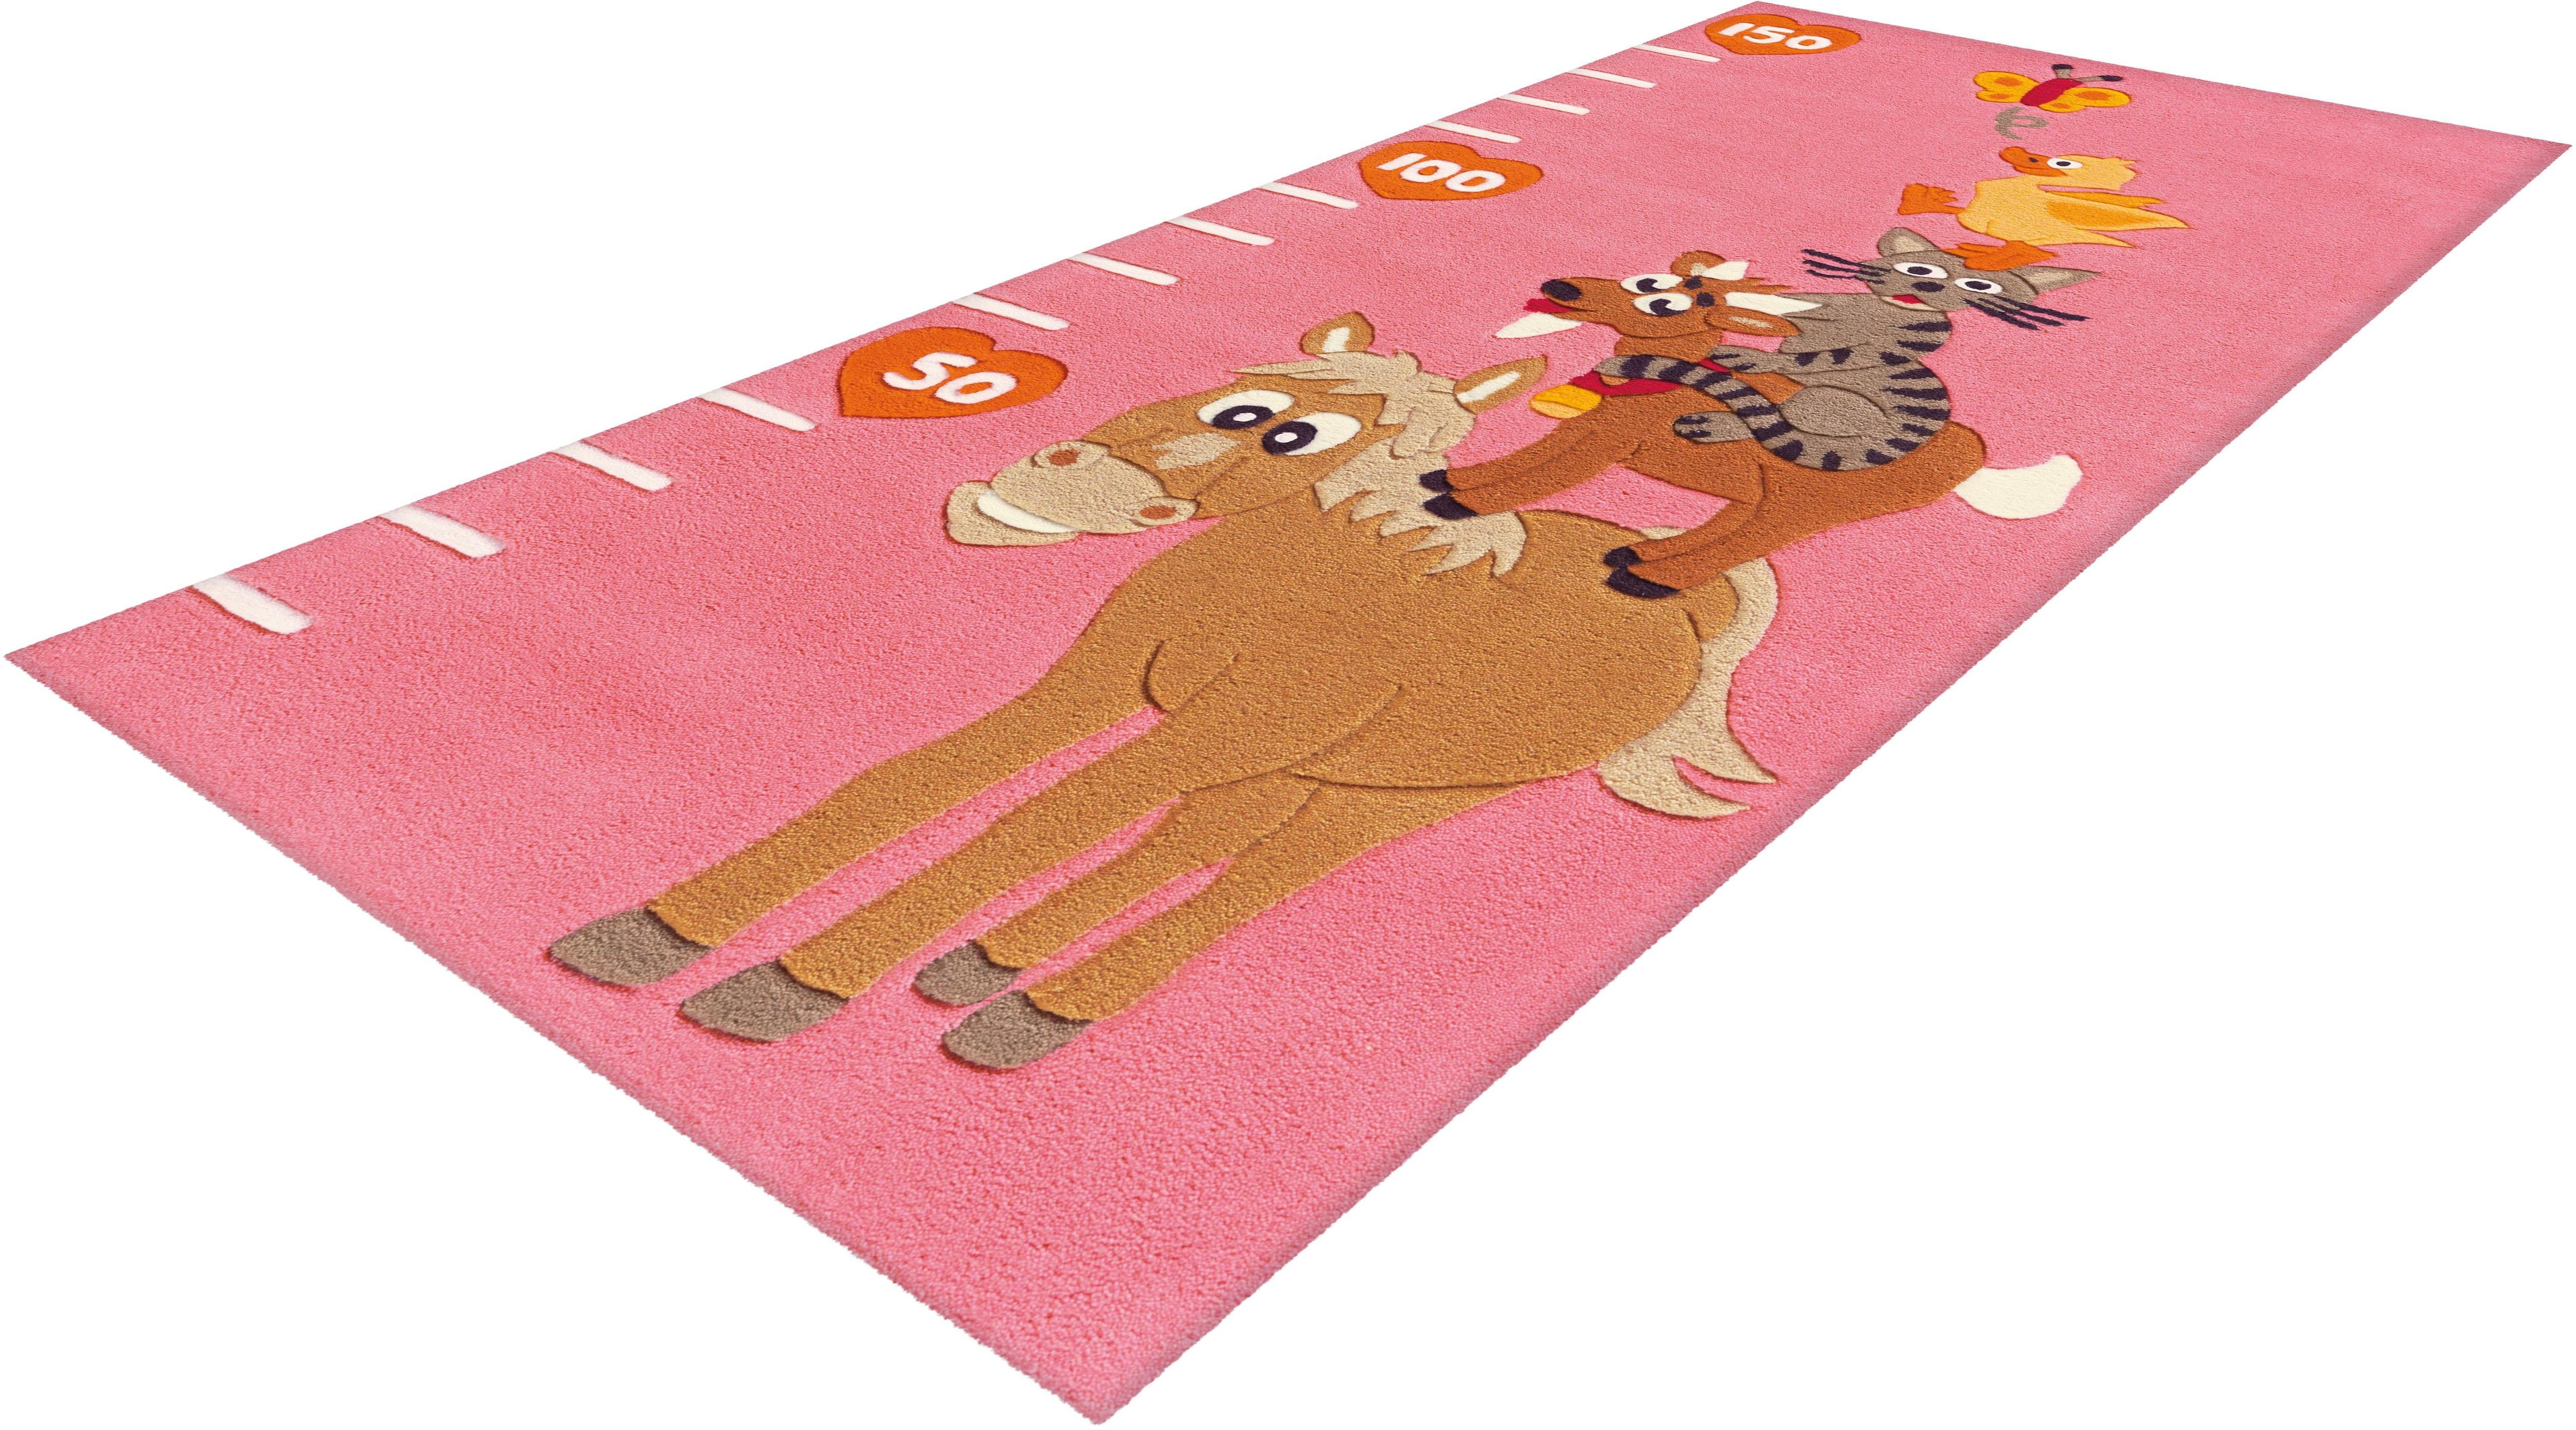 Kinderteppich Joy 4168 Arte Espina rechteckig Höhe 16 mm handgetuftet